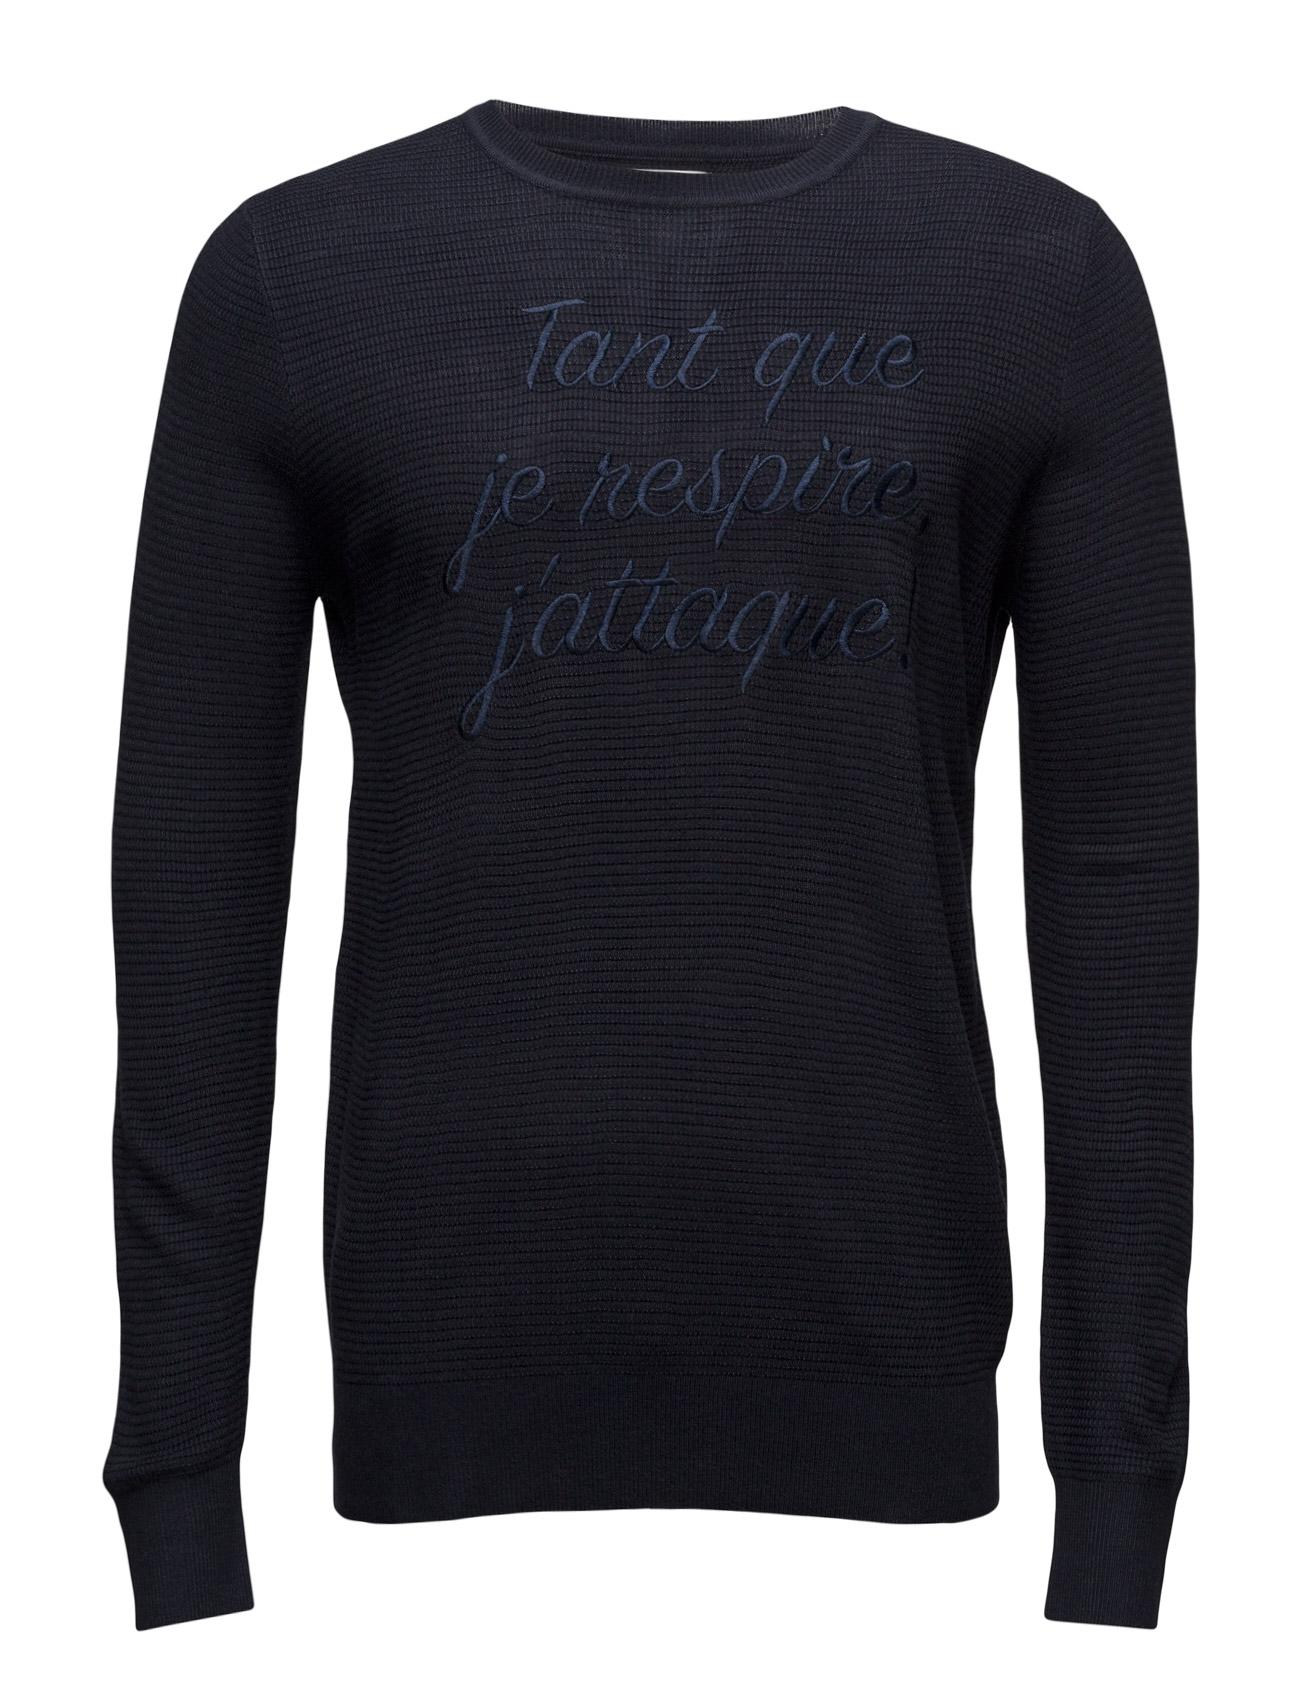 Knitwear Respire Les Deux Striktøj til Mænd i